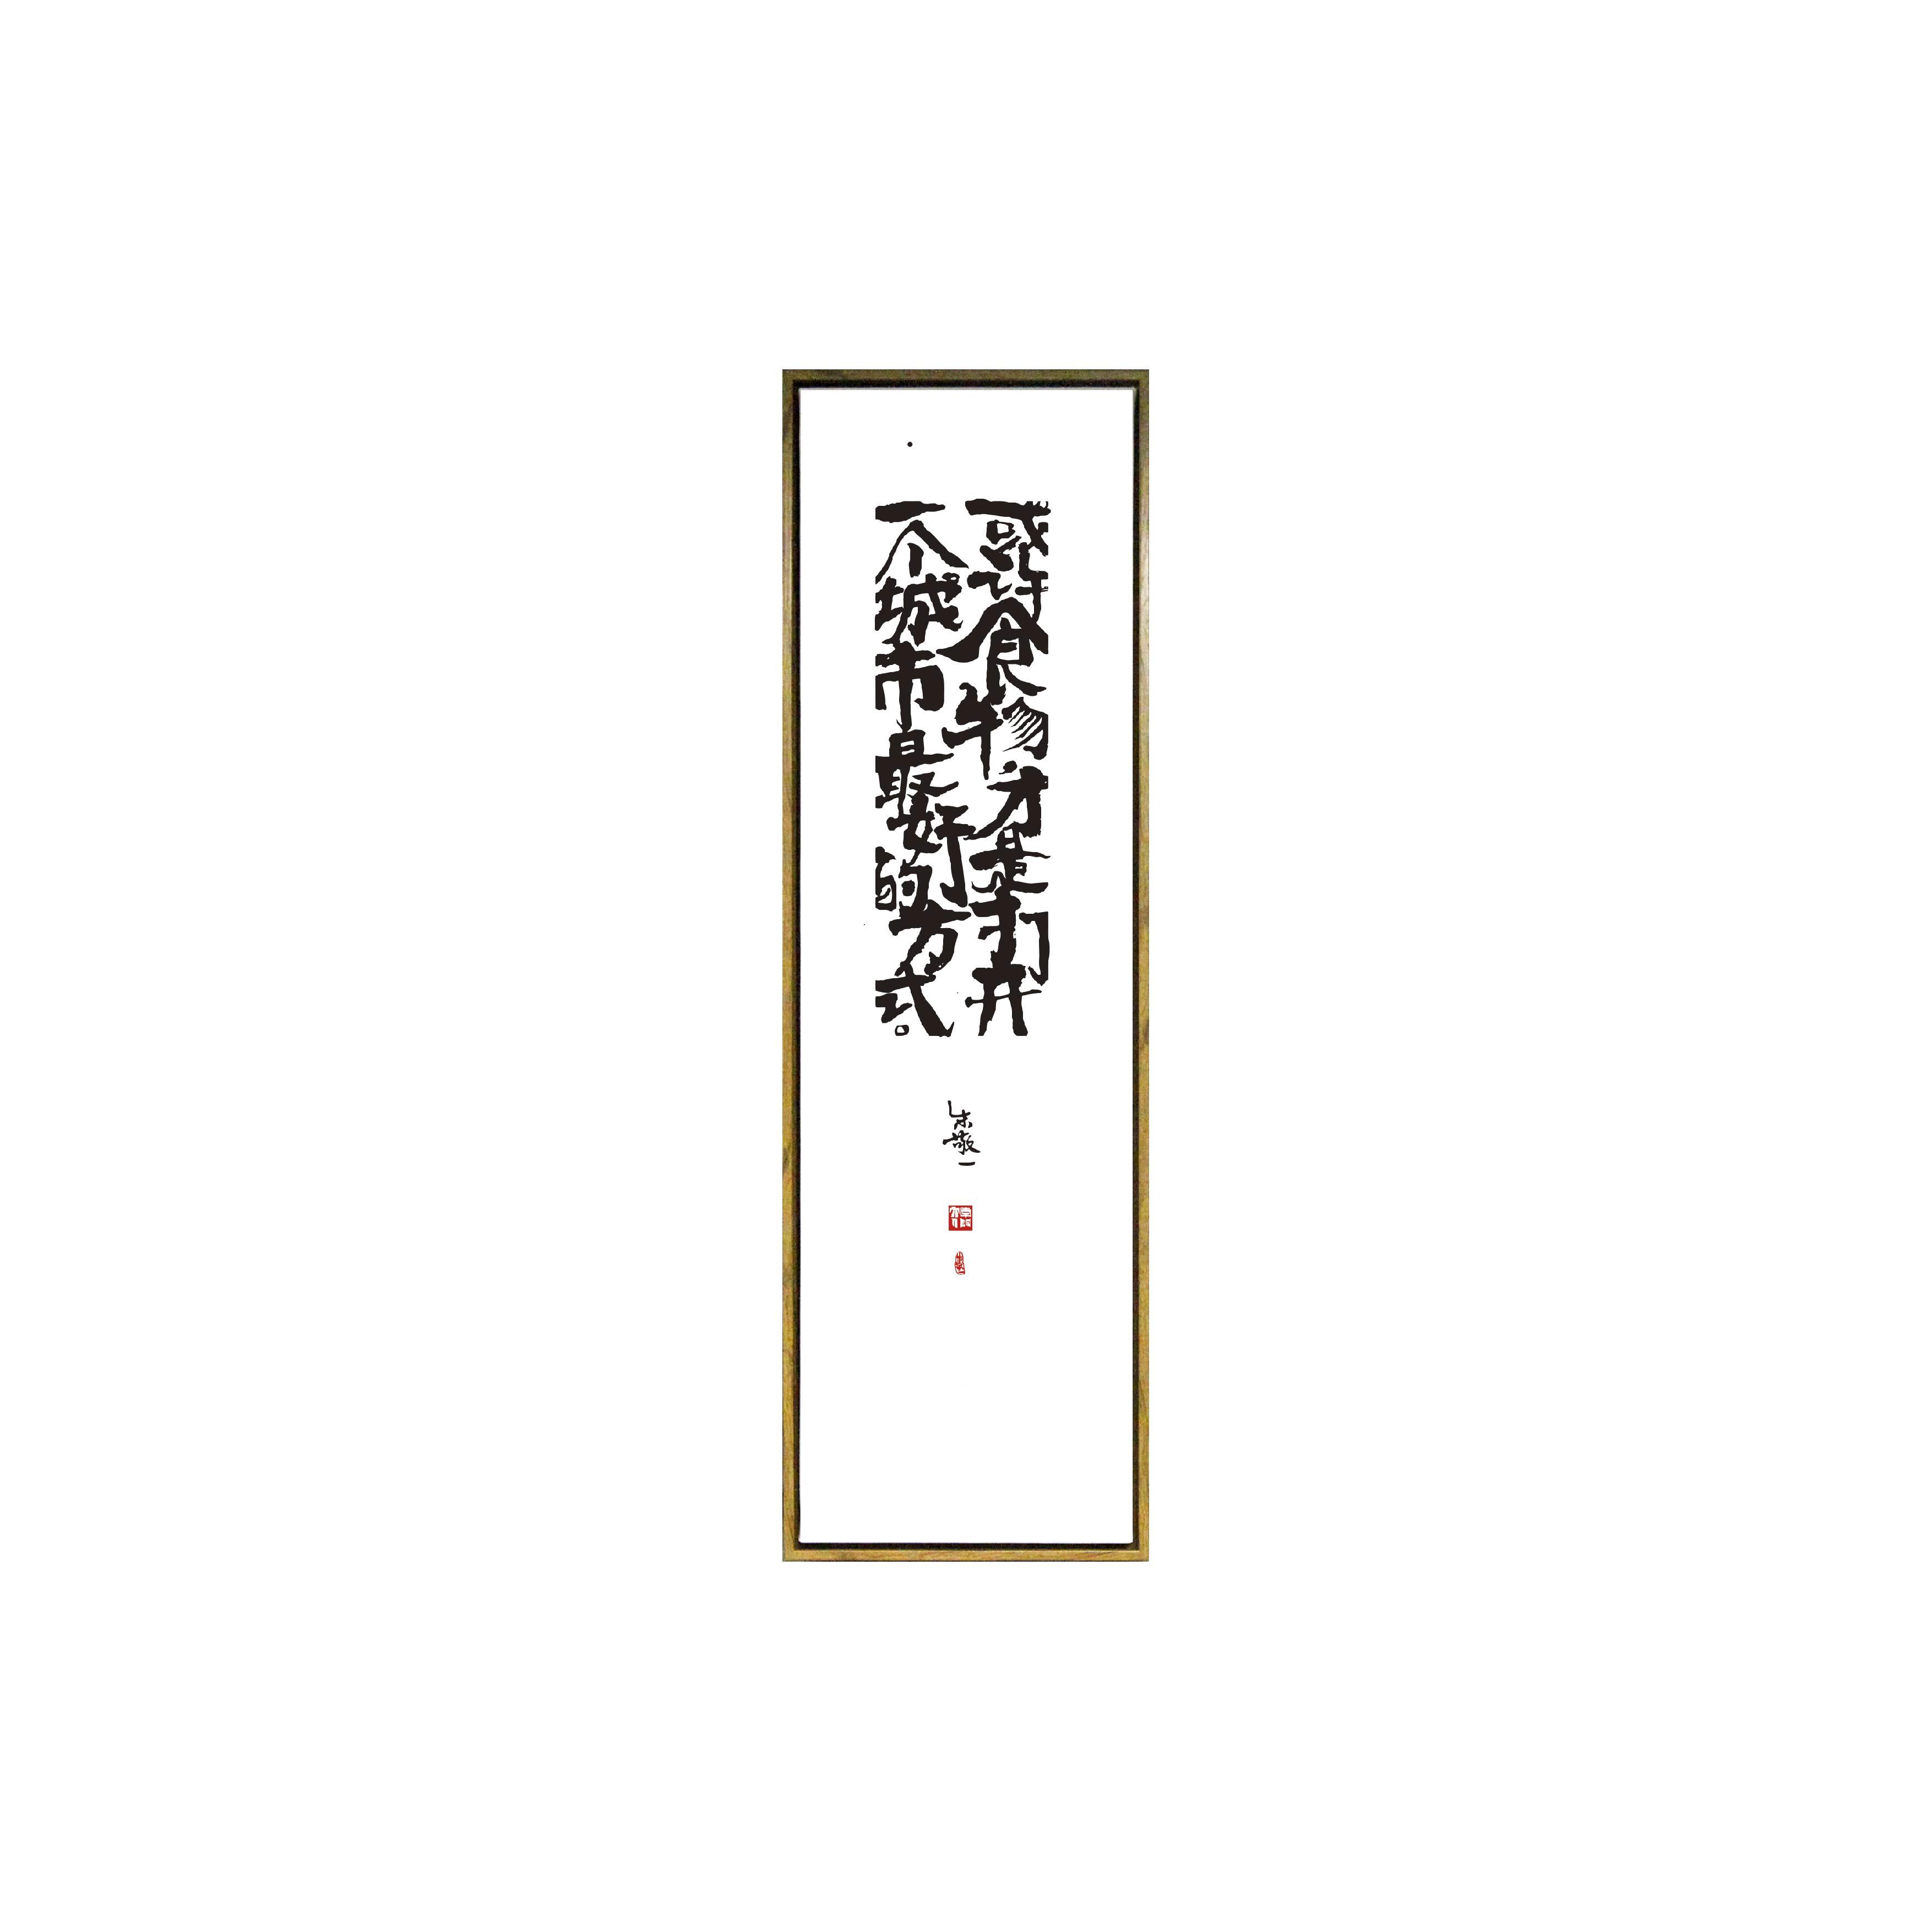 朱敬一書法新中式國潮家裝民宿酒吧裝飾畫過道玄關掛畫Z001窄邊框